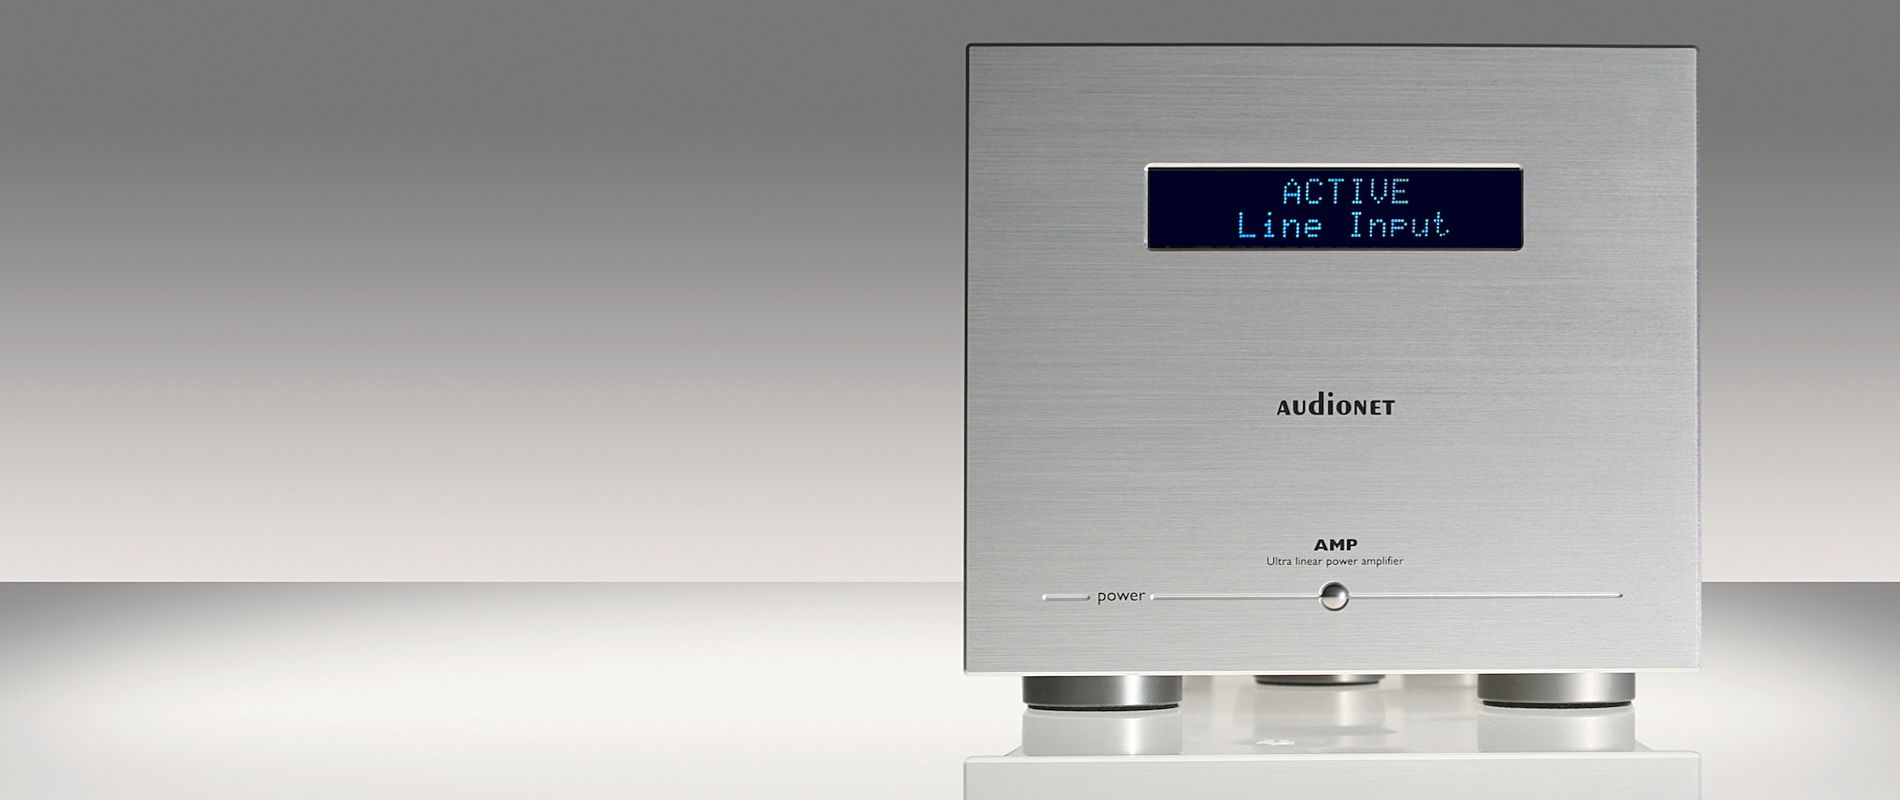 Endverstärker AMP von Audionet